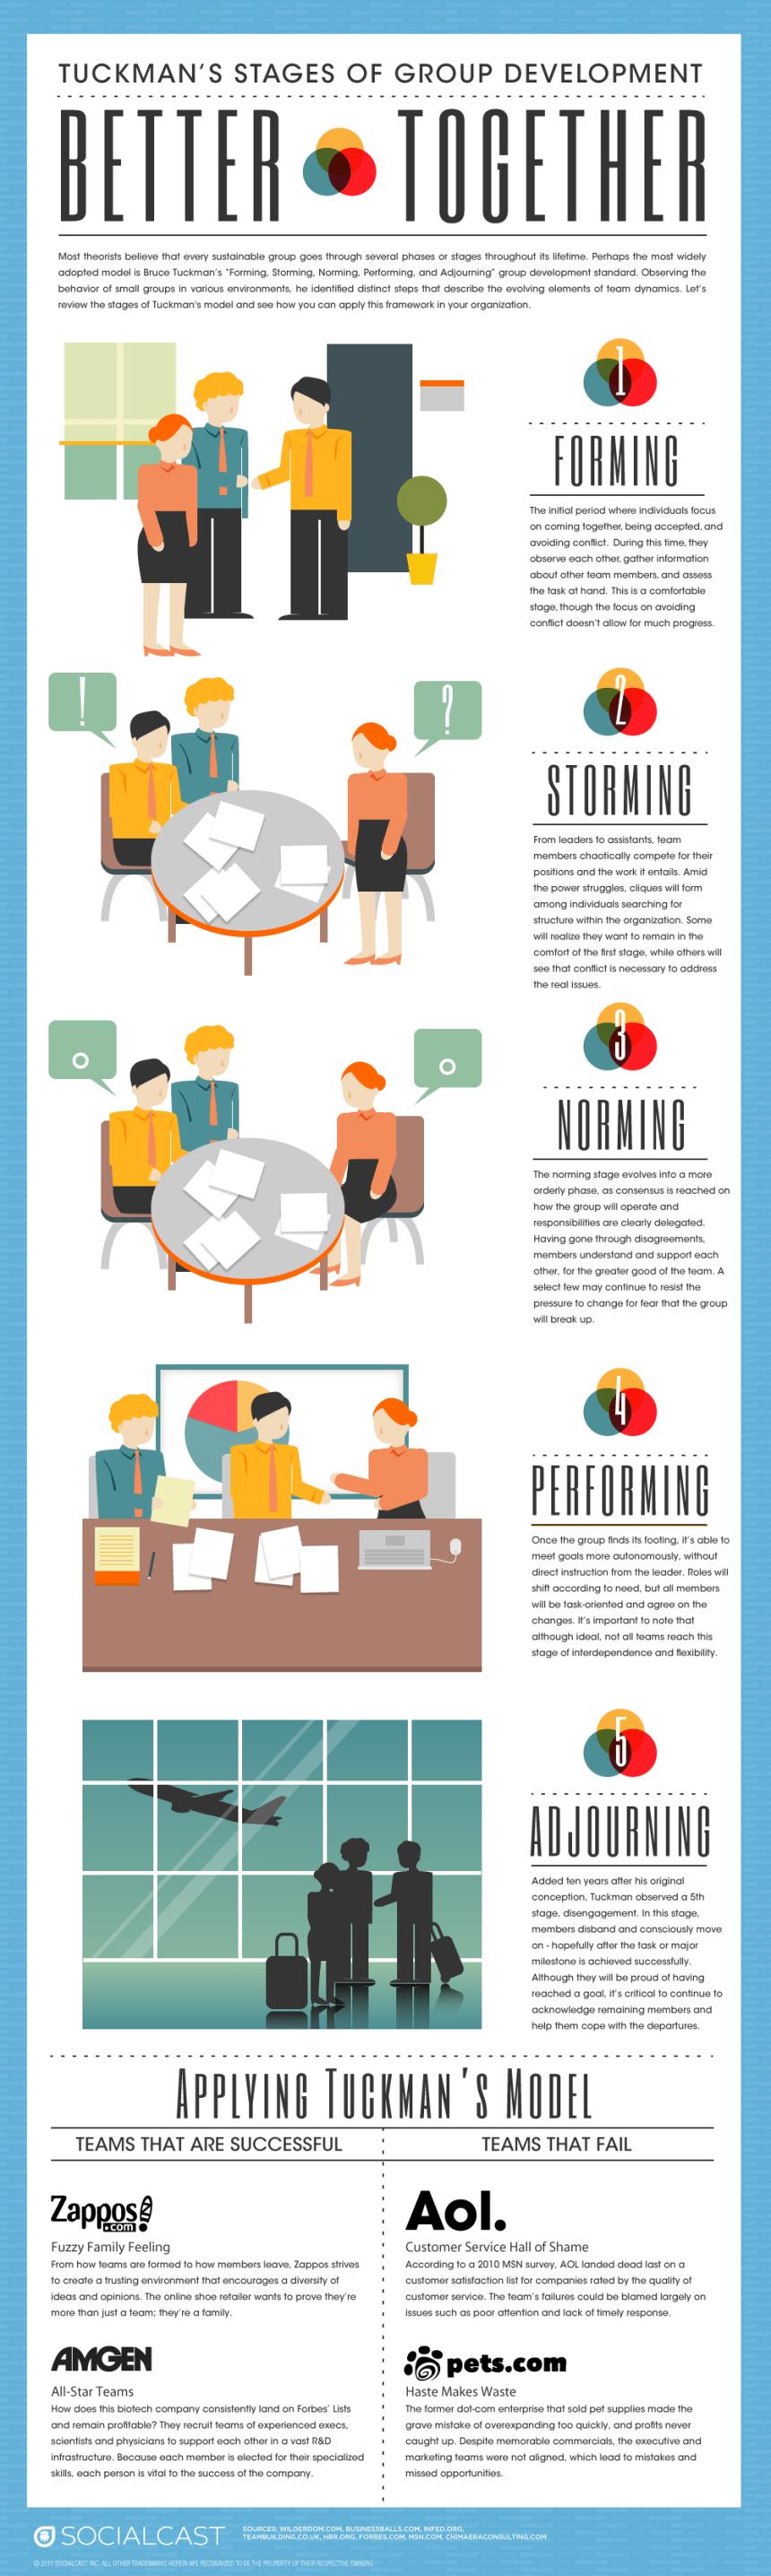 Las etapas de desarrollo de un equipo según Tuckman